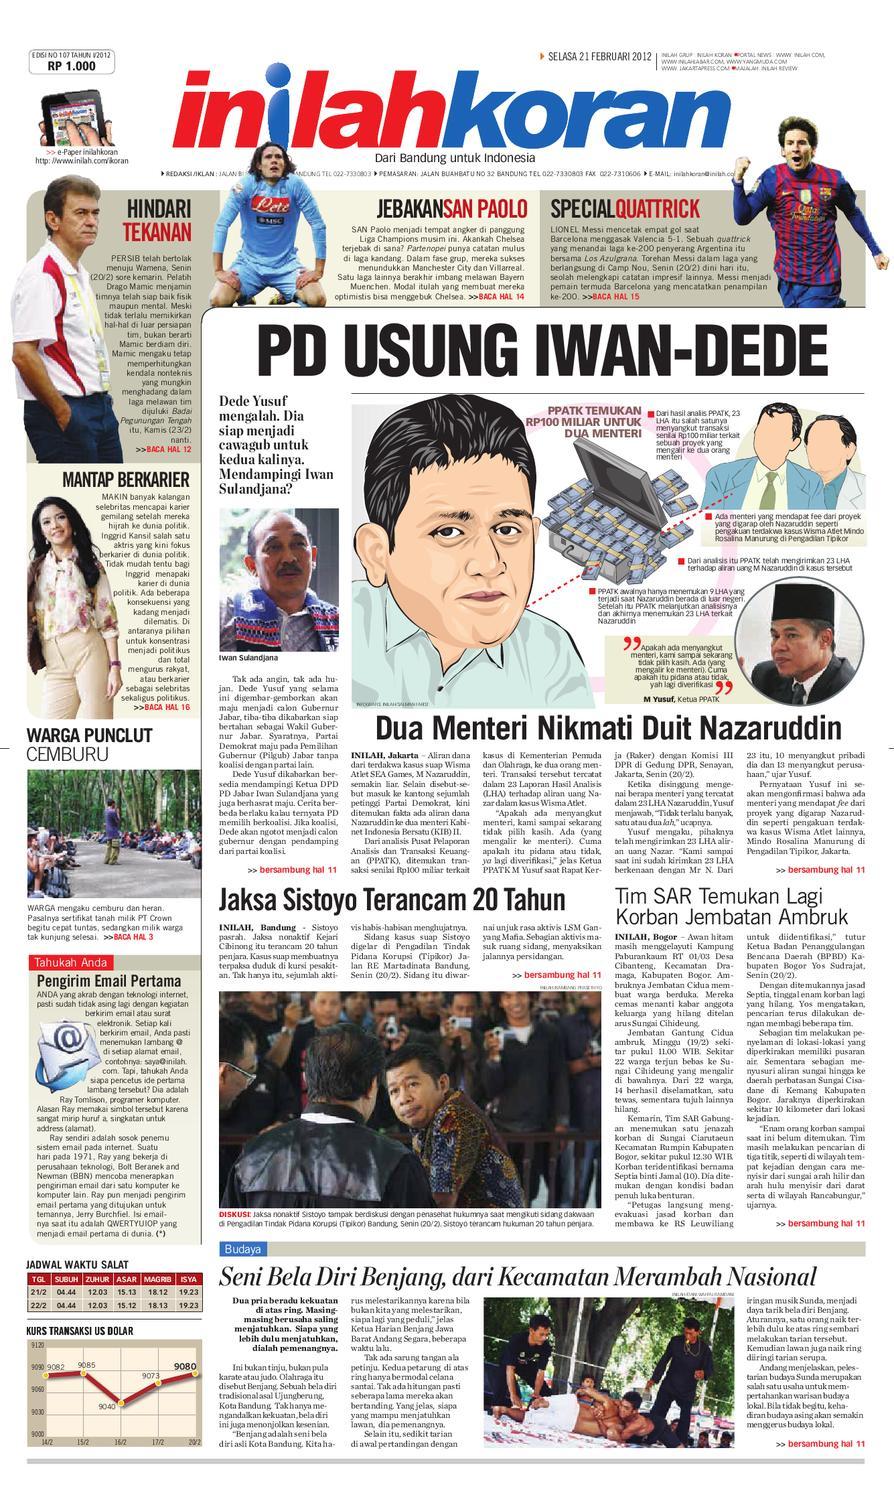 PD USUNG IWAN DEDE By Inilah Koran Issuu